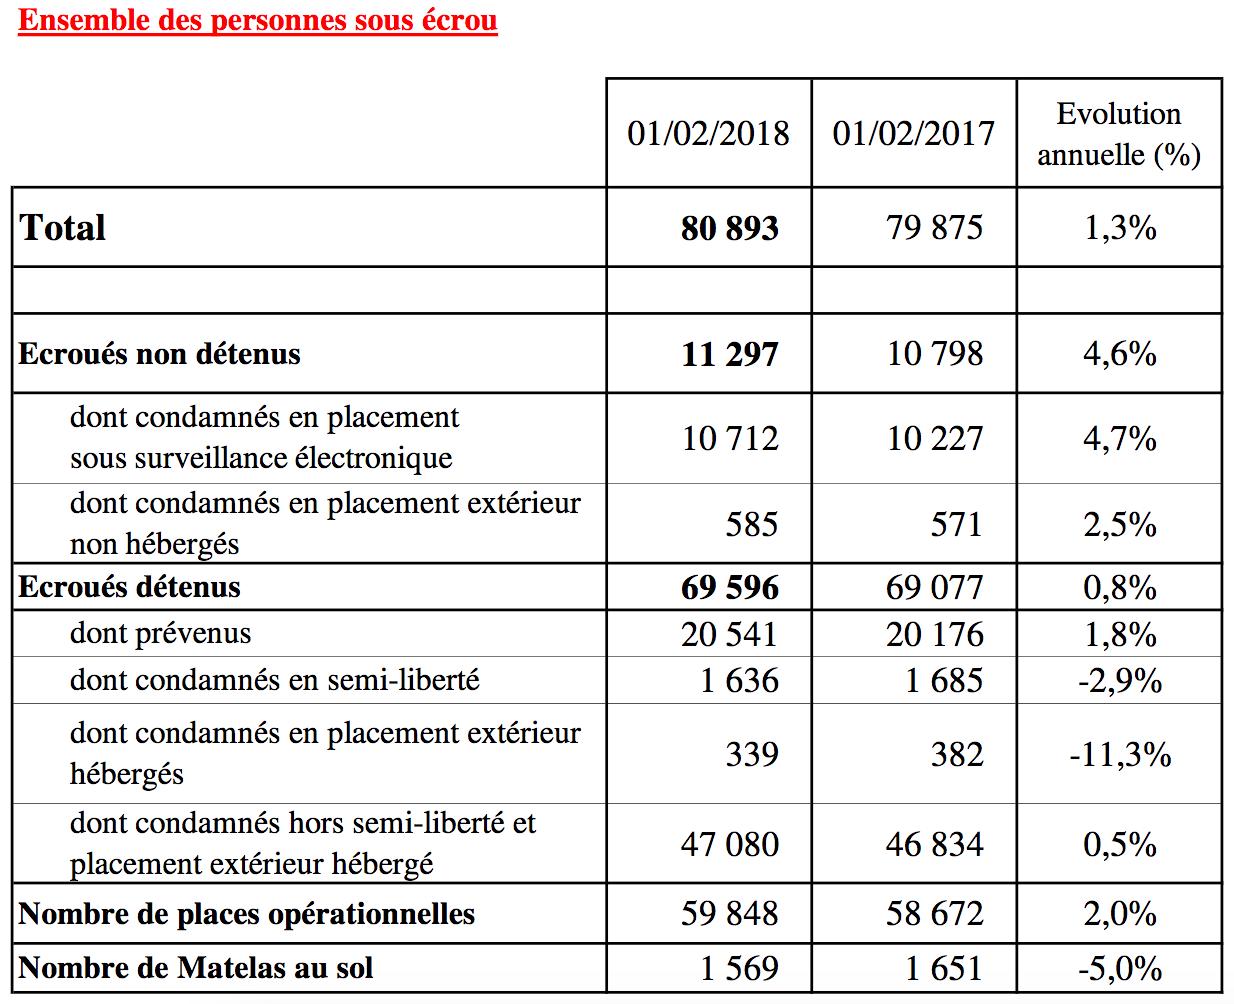 La population carcérale en France au premier février 2018. (Source Direction de l'administration pénitentiaire) cliquez pour agrandir